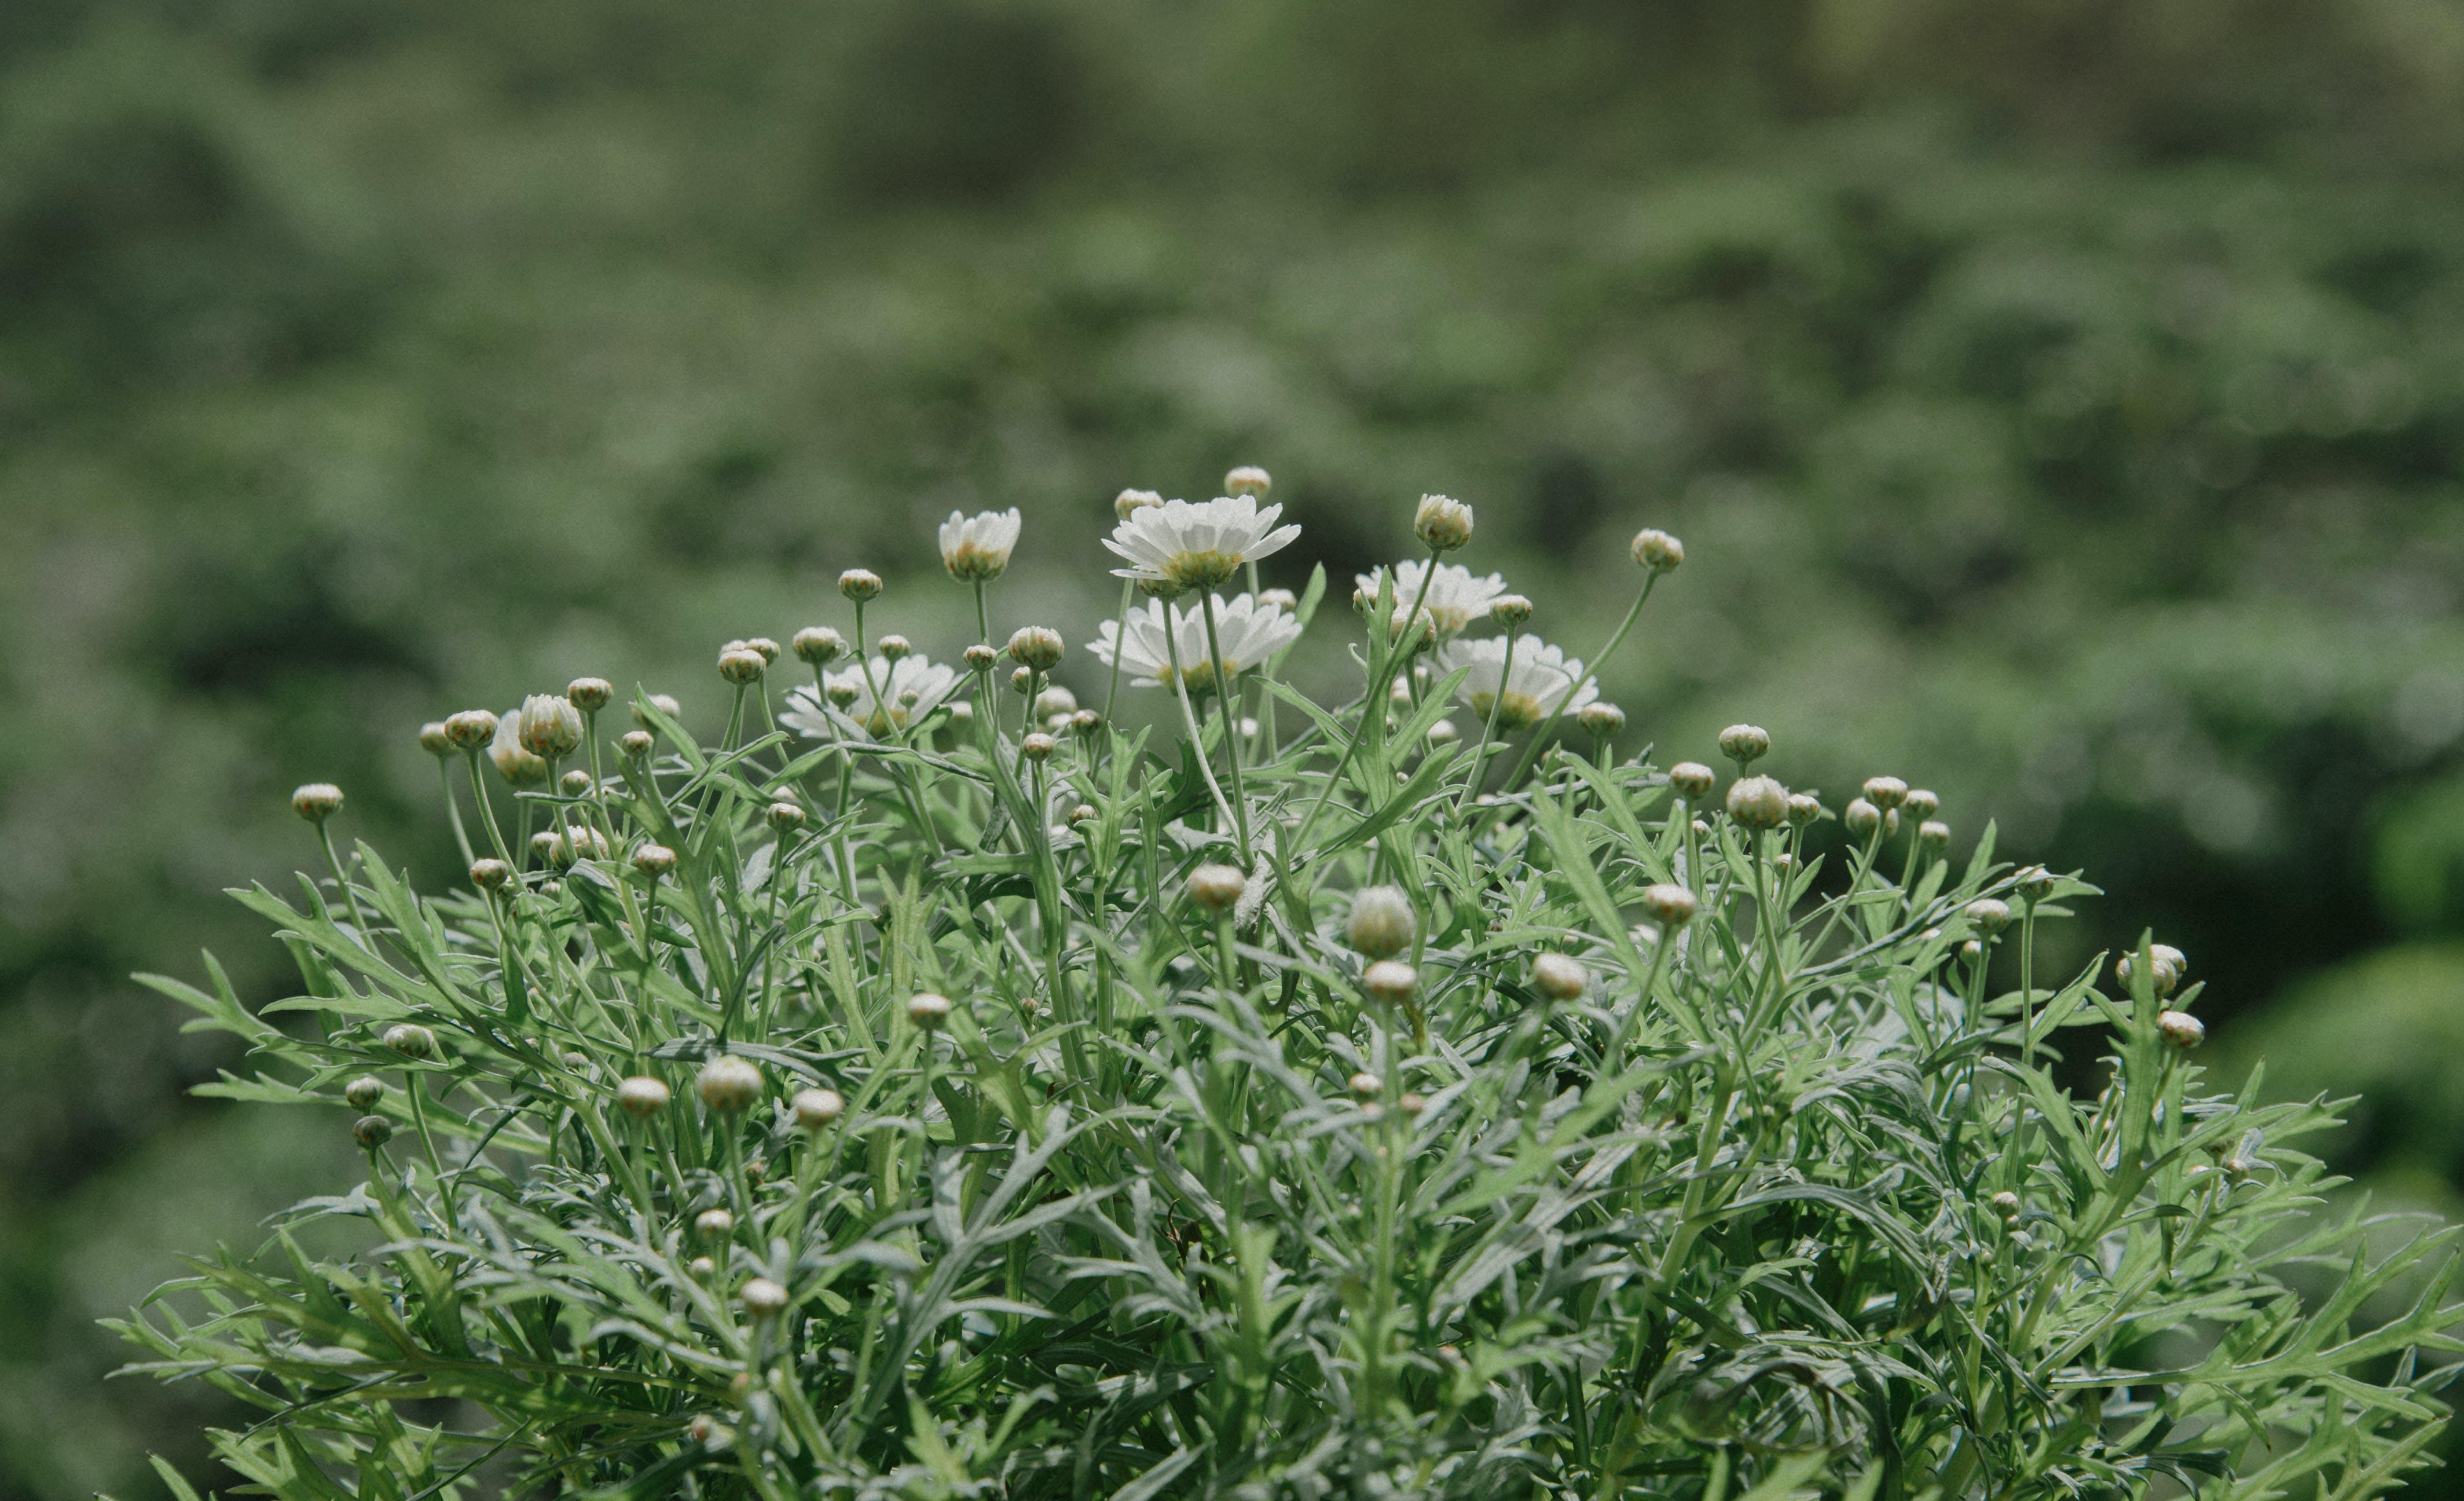 Ảnh lưu trữ miễn phí về cận cảnh, cây, hệ thực vật, hoa